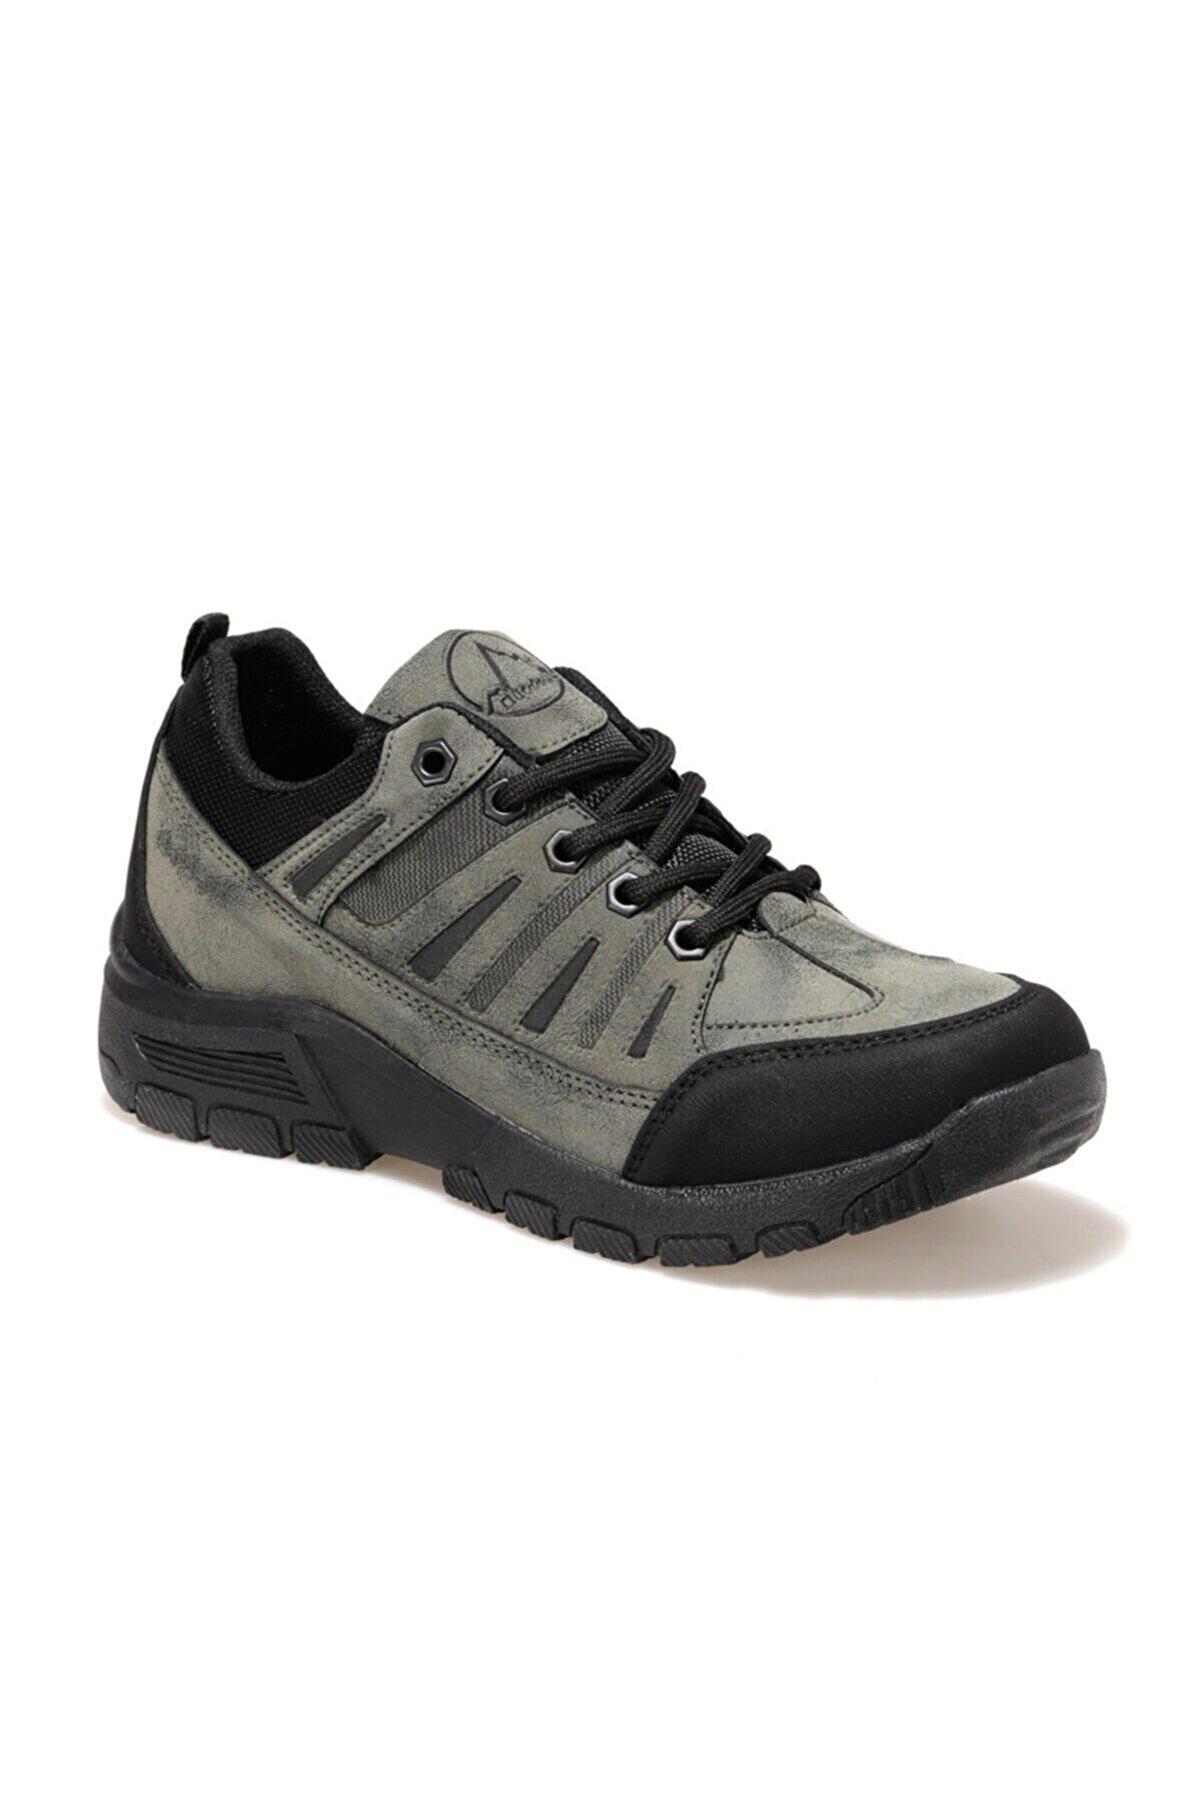 PANAMA CLUB BTL-1 Haki Erkek Ayakkabı 100573492